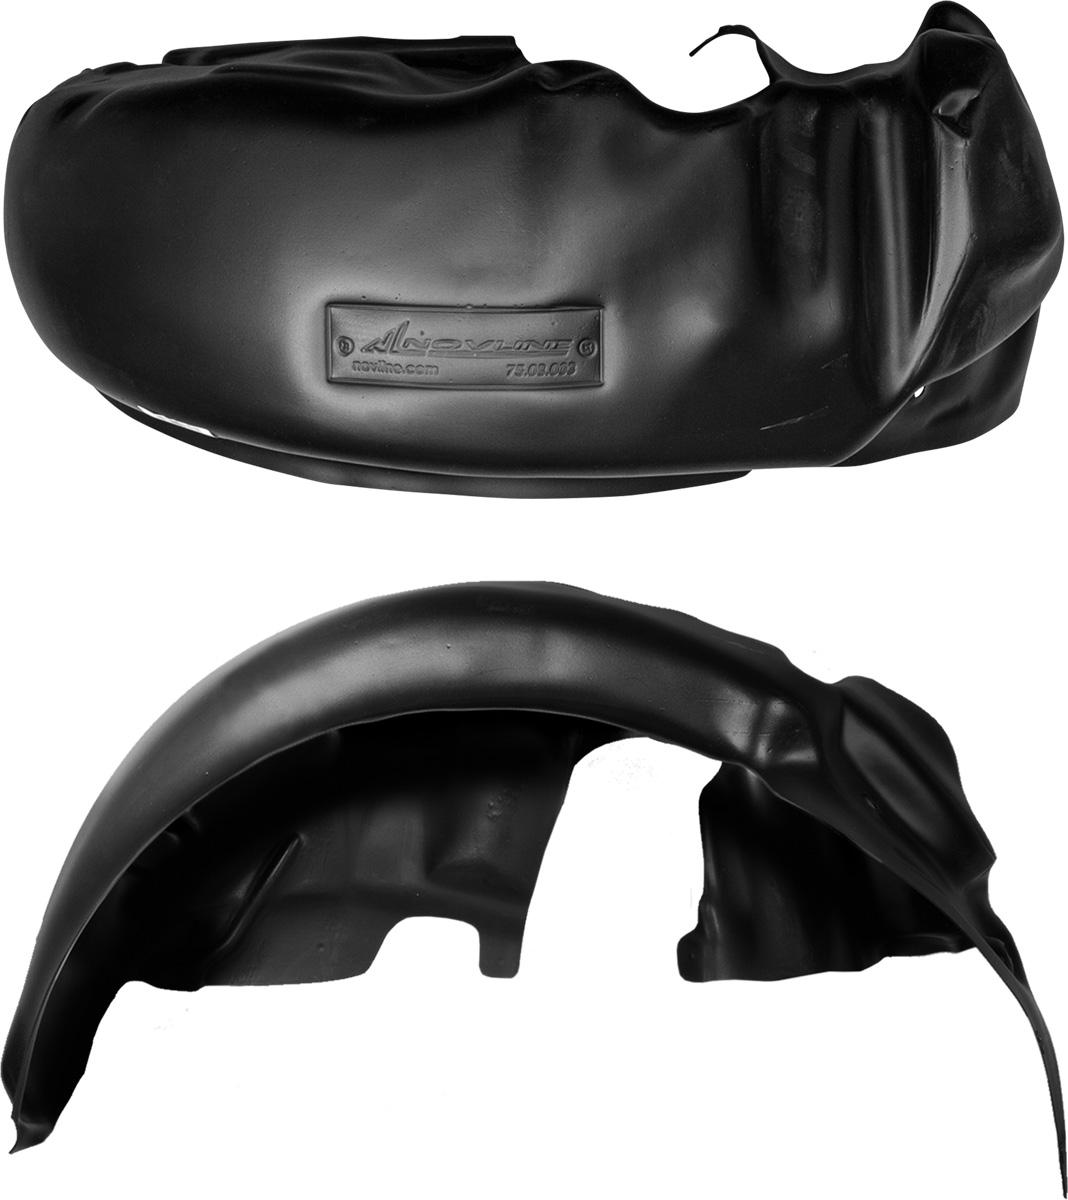 Подкрылок Novline-Autofamily, для УАЗ 3741, 1990->, передний правыйNLL.54.02.002Колесные ниши - одни из самых уязвимых зон днища вашего автомобиля. Они постоянно подвергаются воздействию со стороны дороги. Лучшая, почти абсолютная защита для них - специально отформованные пластиковые кожухи, которые называются подкрылками. Производятся они как для отечественных моделей автомобилей, так и для иномарок. Подкрылки Novline-Autofamily выполнены из высококачественного, экологически чистого пластика. Обеспечивают надежную защиту кузова автомобиля от пескоструйного эффекта и негативного влияния, агрессивных антигололедных реагентов. Пластик обладает более низкой теплопроводностью, чем металл, поэтому в зимний период эксплуатации использование пластиковых подкрылков позволяет лучше защитить колесные ниши от налипания снега и образования наледи. Оригинальность конструкции подчеркивает элегантность автомобиля, бережно защищает нанесенное на днище кузова антикоррозийное покрытие и позволяет осуществить крепление подкрылков внутри колесной арки практически без...